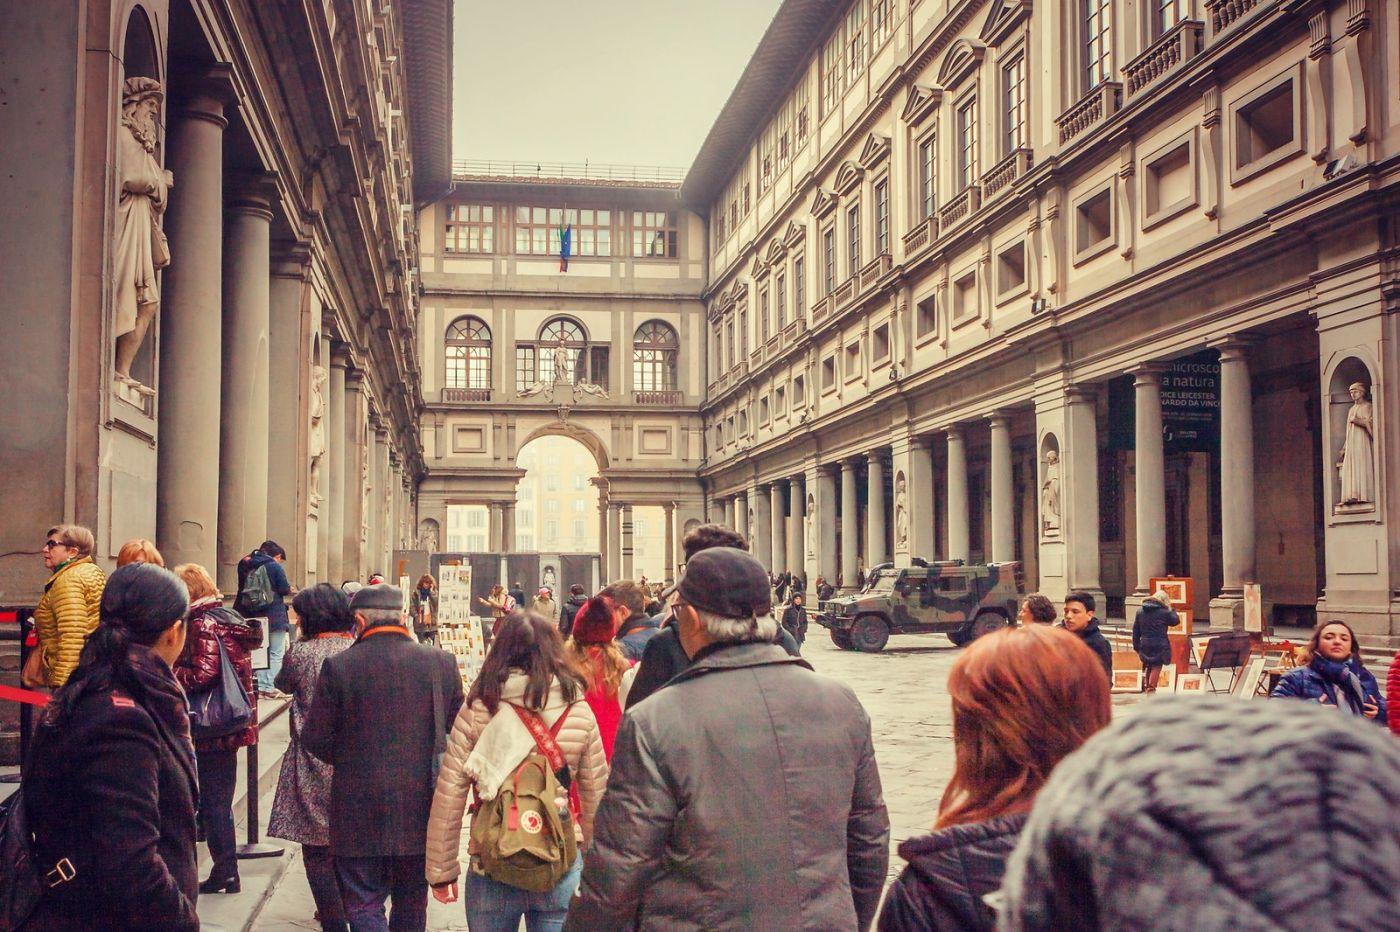 意大利佛罗伦斯乌菲兹美术馆, 进去看一看_图1-18